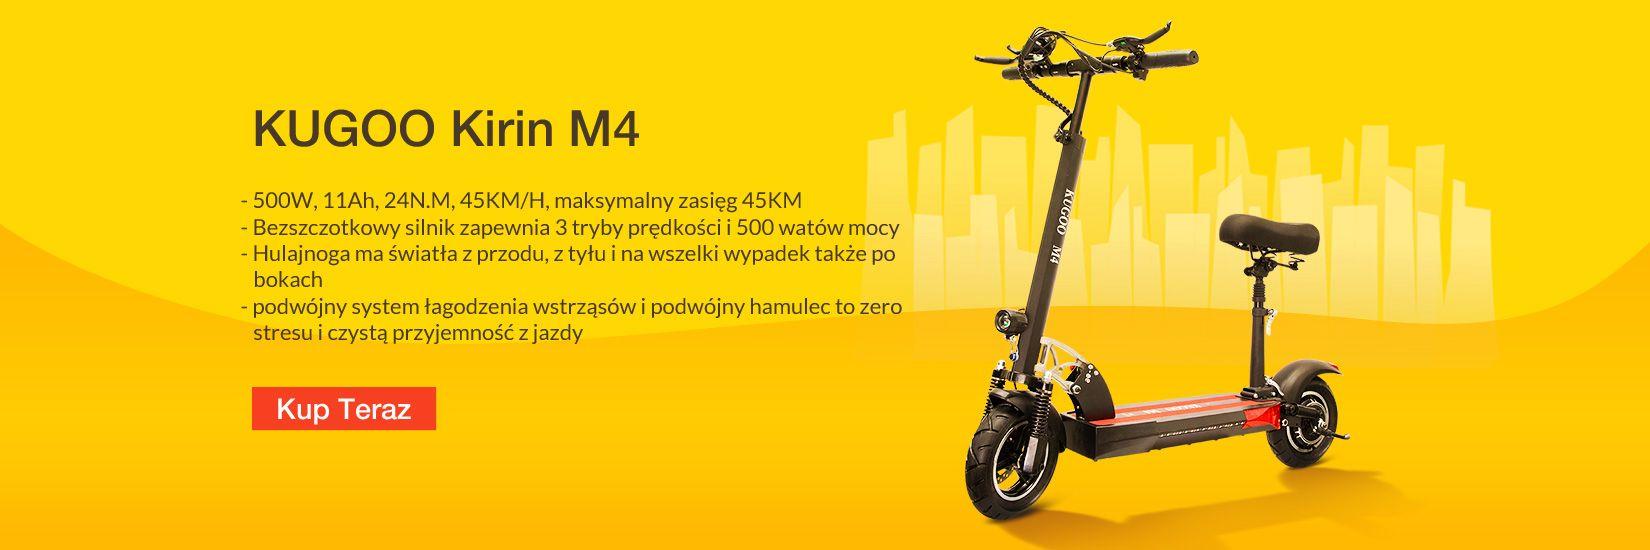 Hulajnoga Elektryczna KUGOO Kirin M4 - Geekbuying.pl